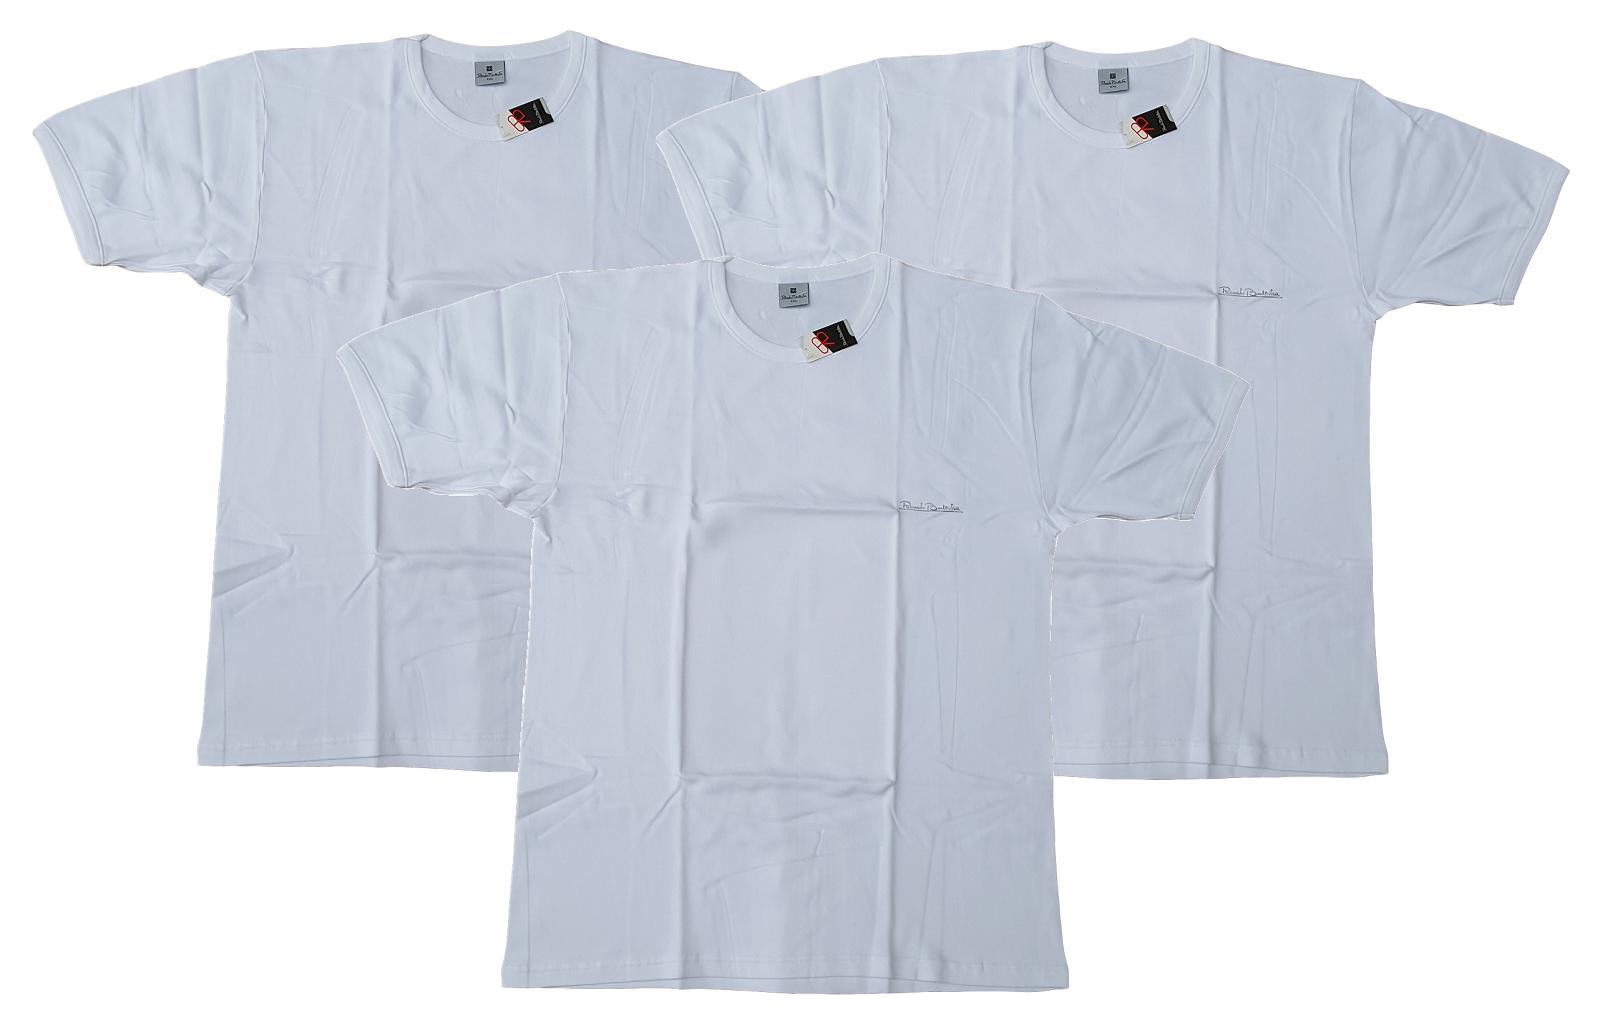 RENATO BALESTRA M0085. 3x  Maglietta Uomo, manica corta, paricollo, Cotone caldo